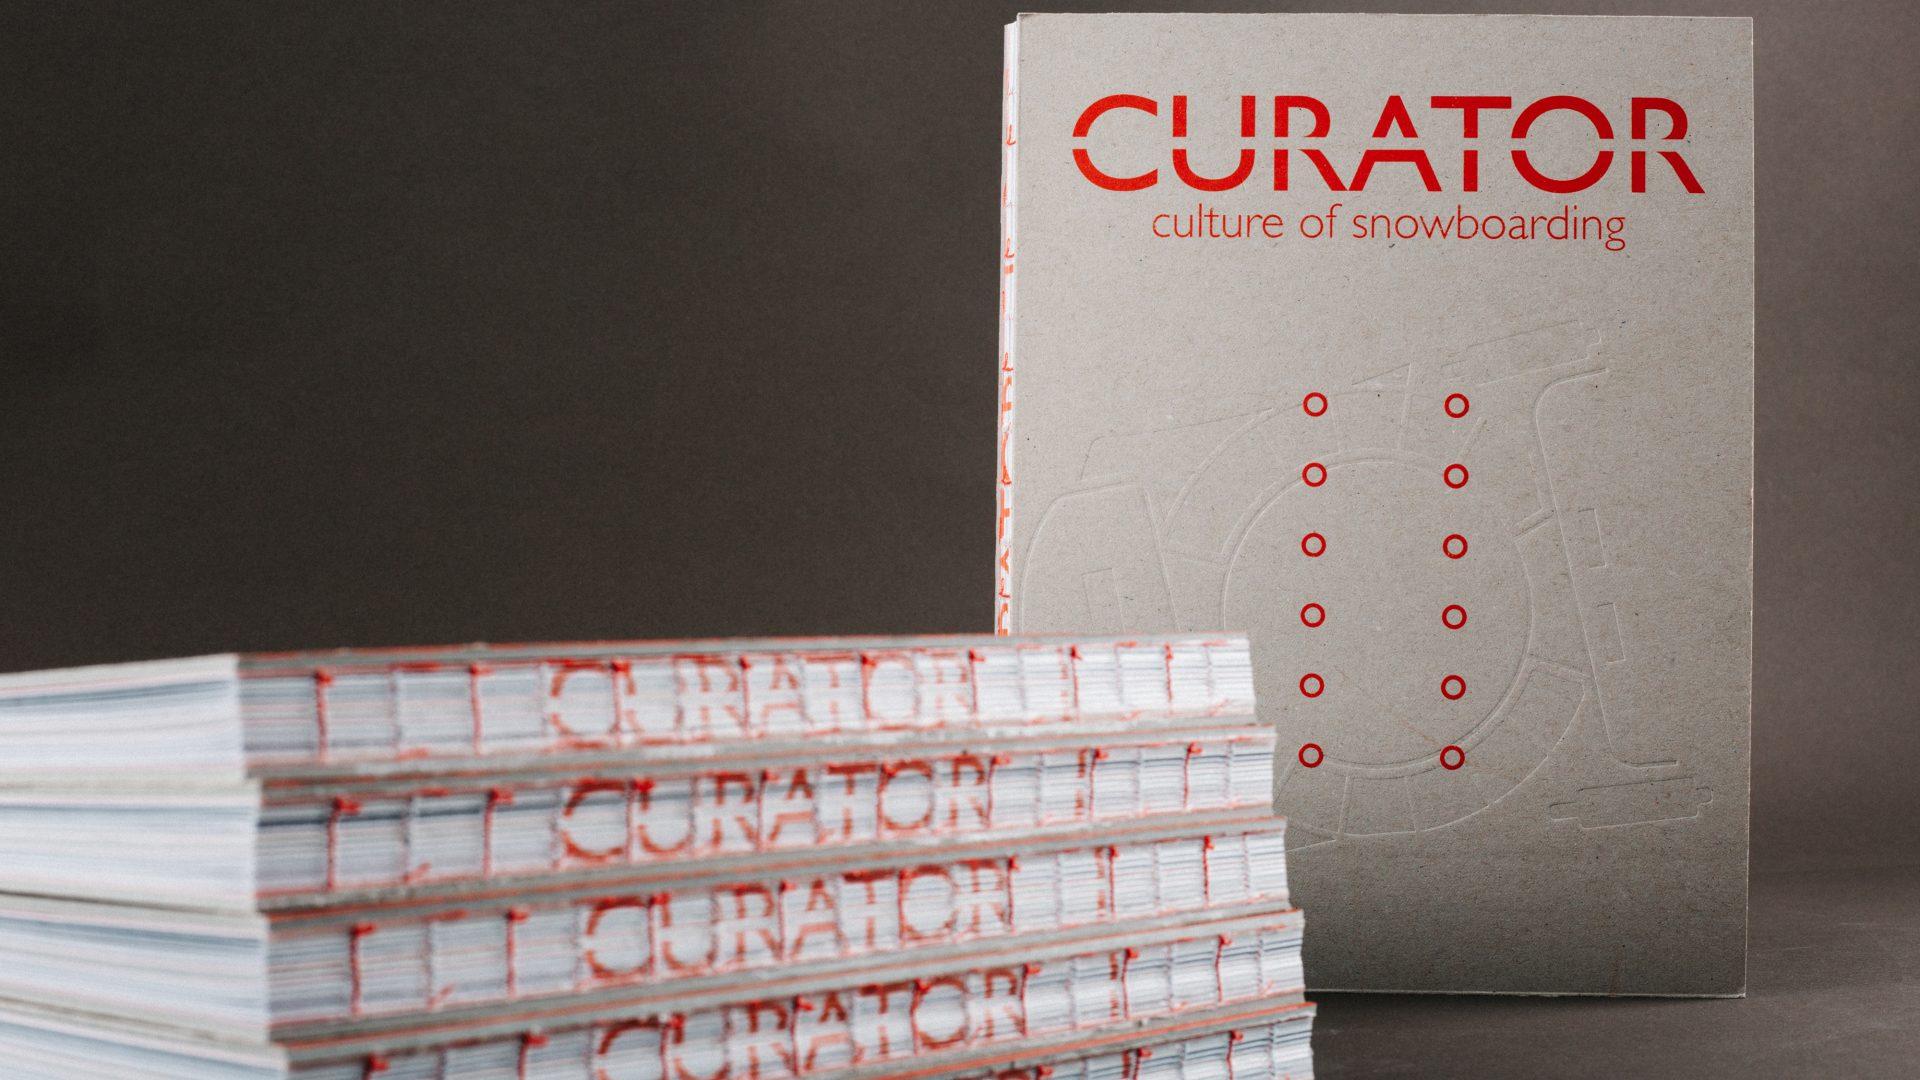 Curator Vol1 FW 231118 StefanGoetschl 7938